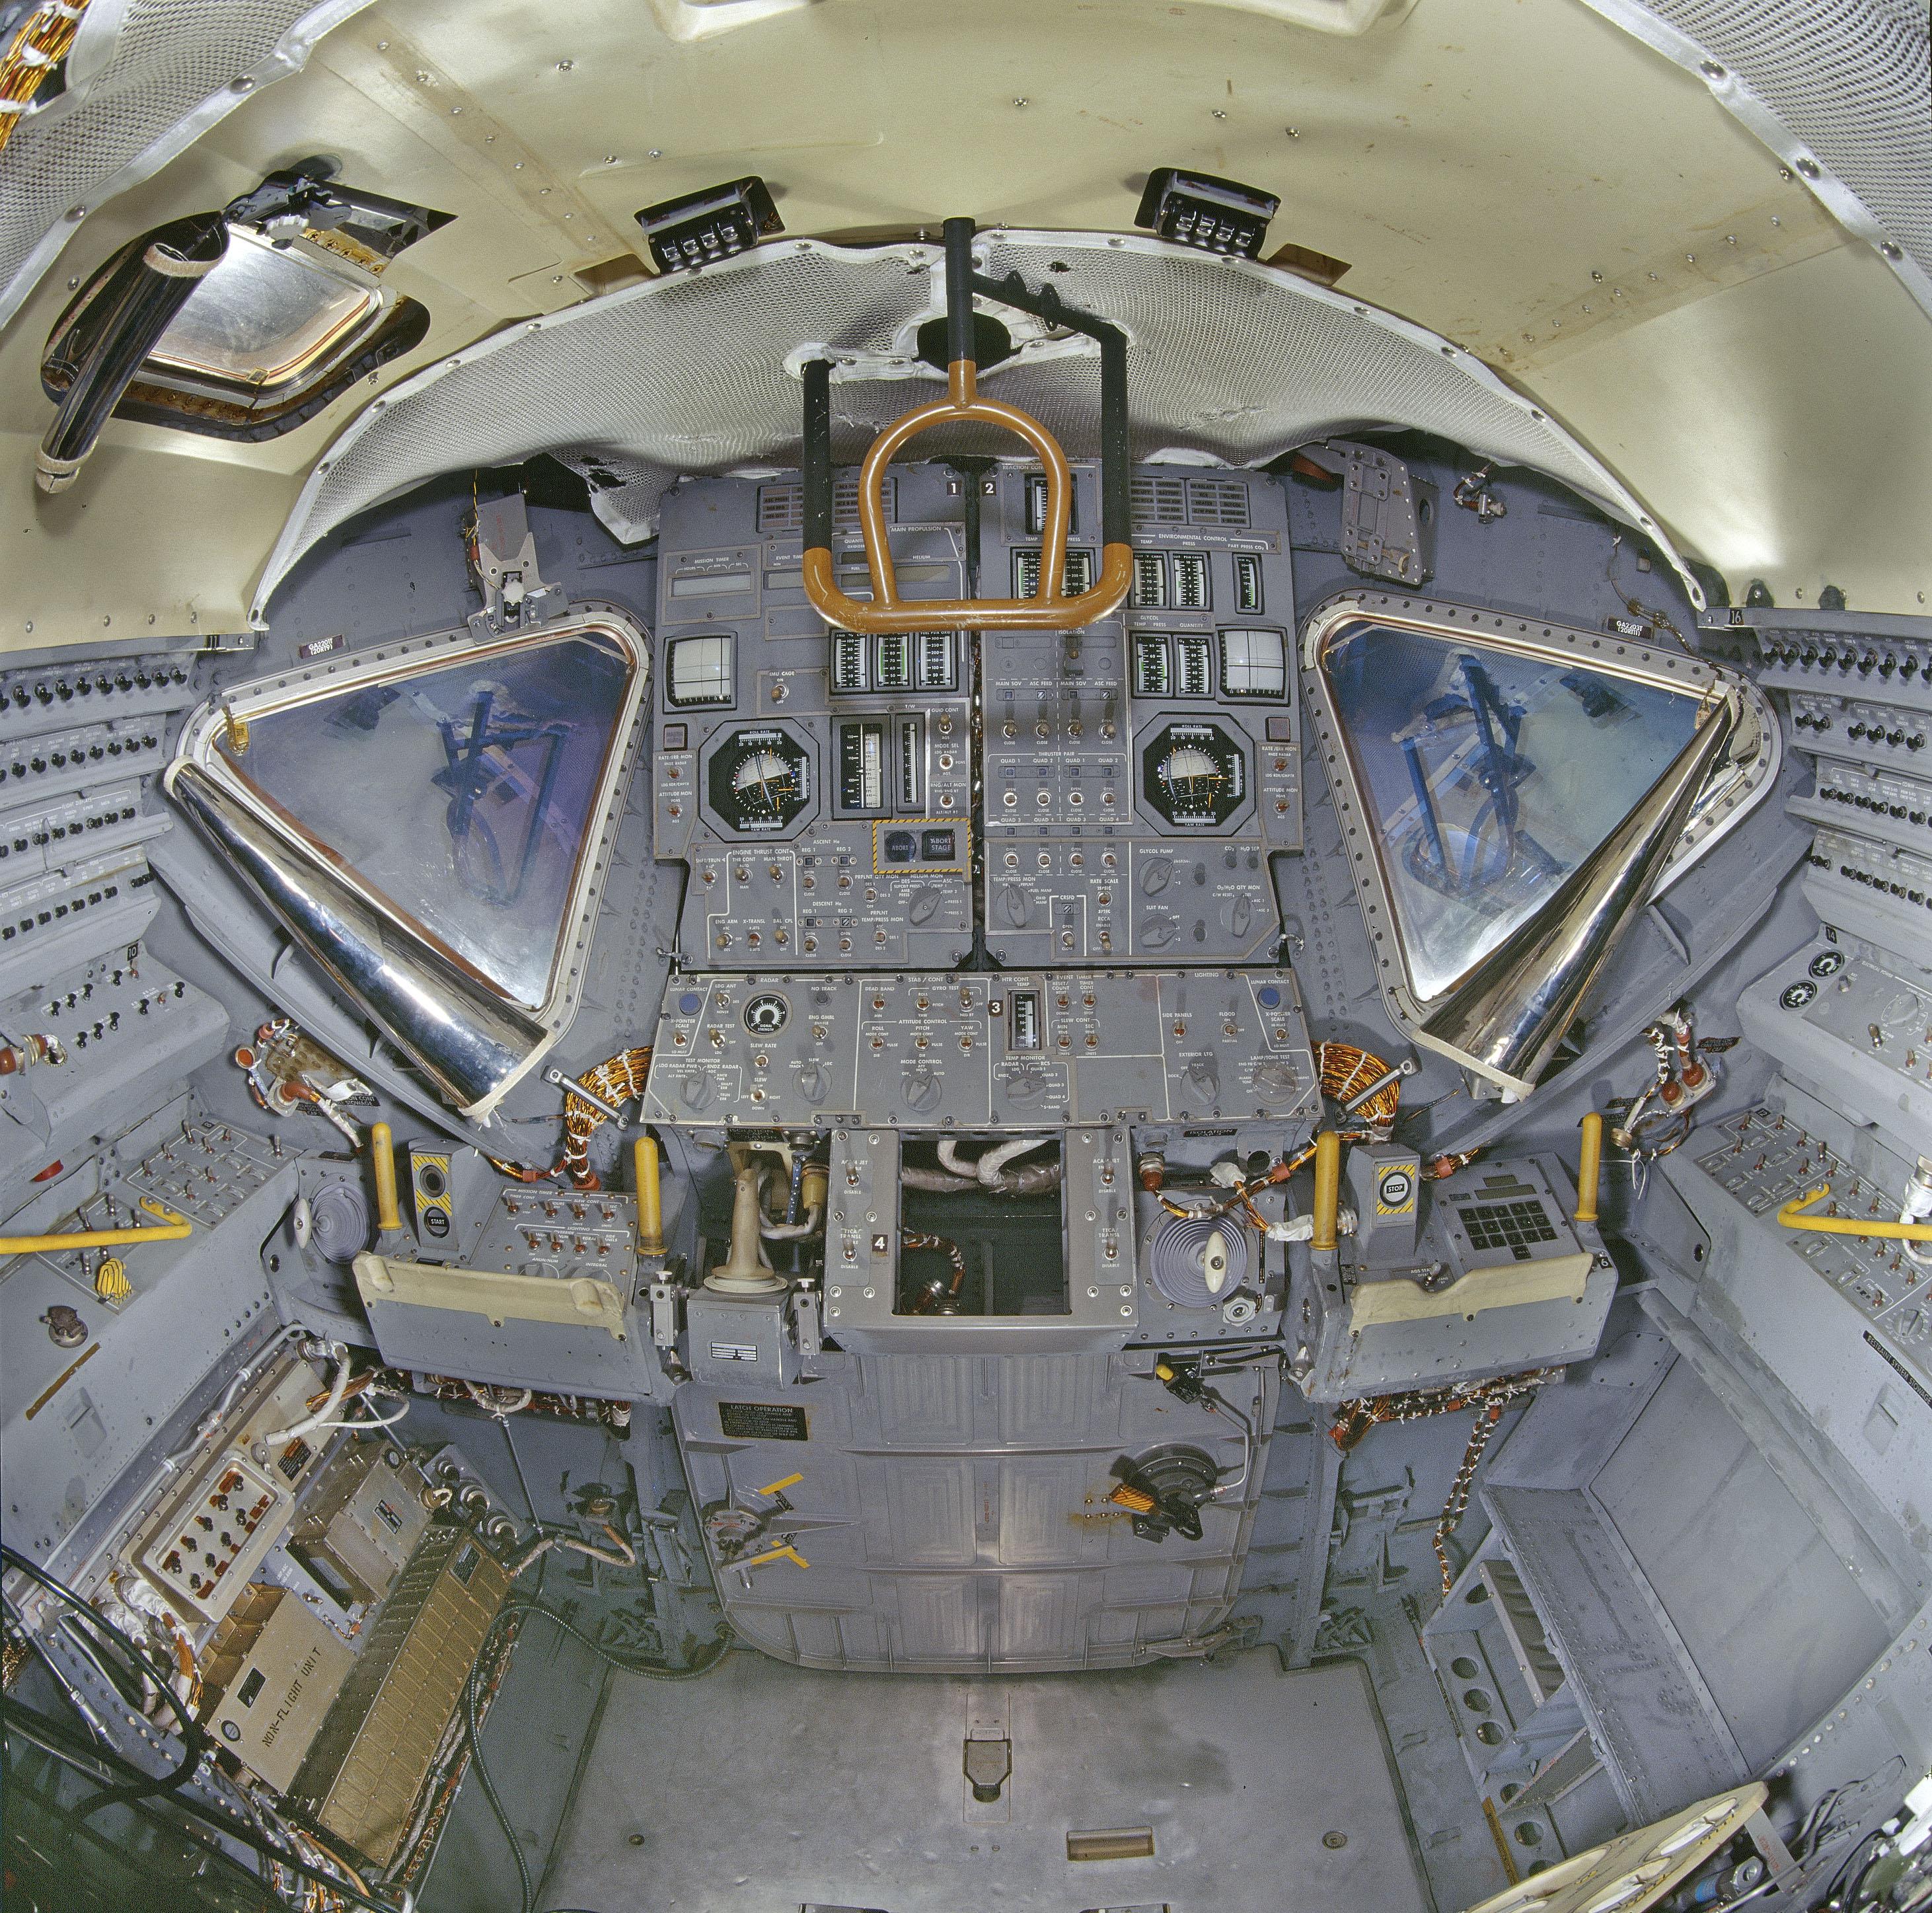 lunar module in space - photo #32